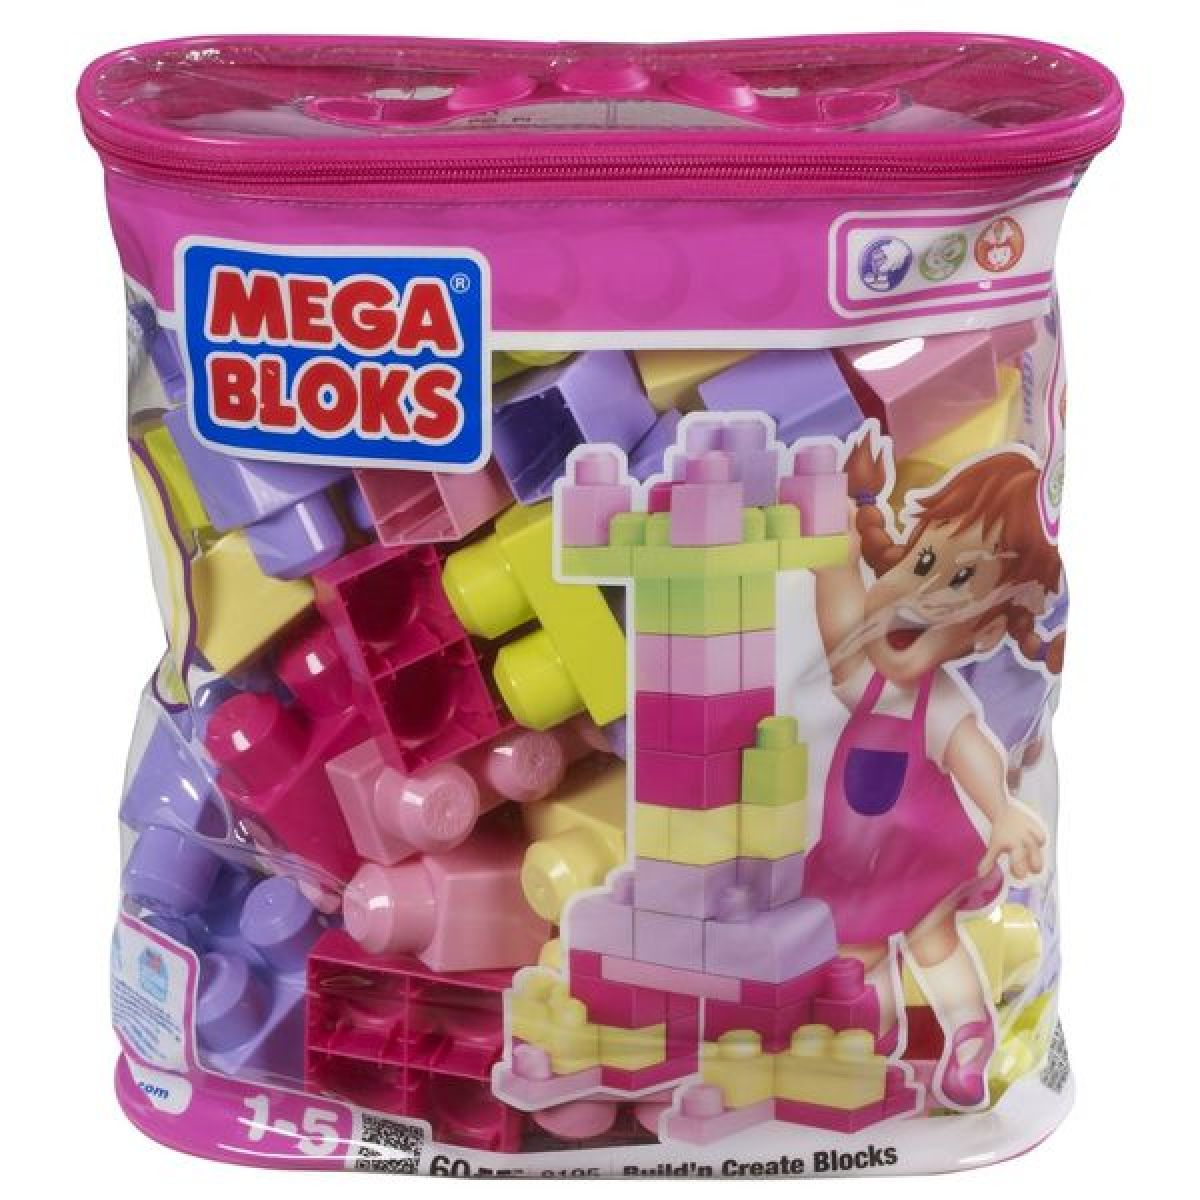 MEGABLOKS Mega 08195 - Kostky v plastovém pytli-růžová barva, 60dílů